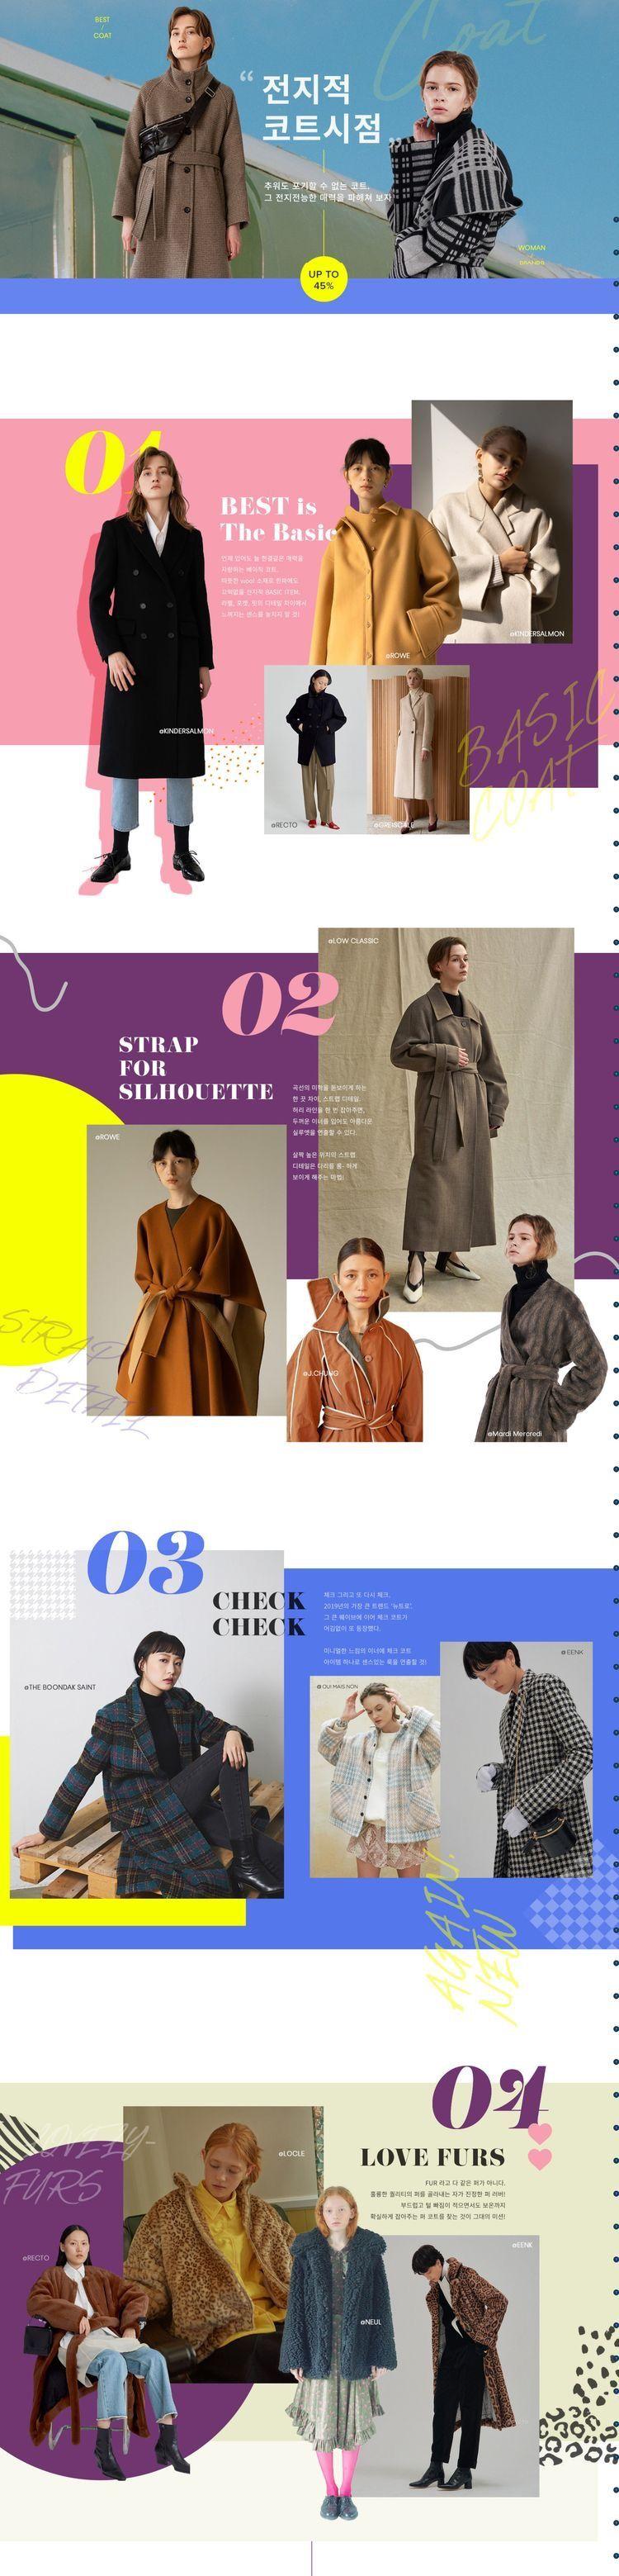 женская тамблер подростковая #мода fashion зима #тенденции детали для полных осень в стиле #бохо